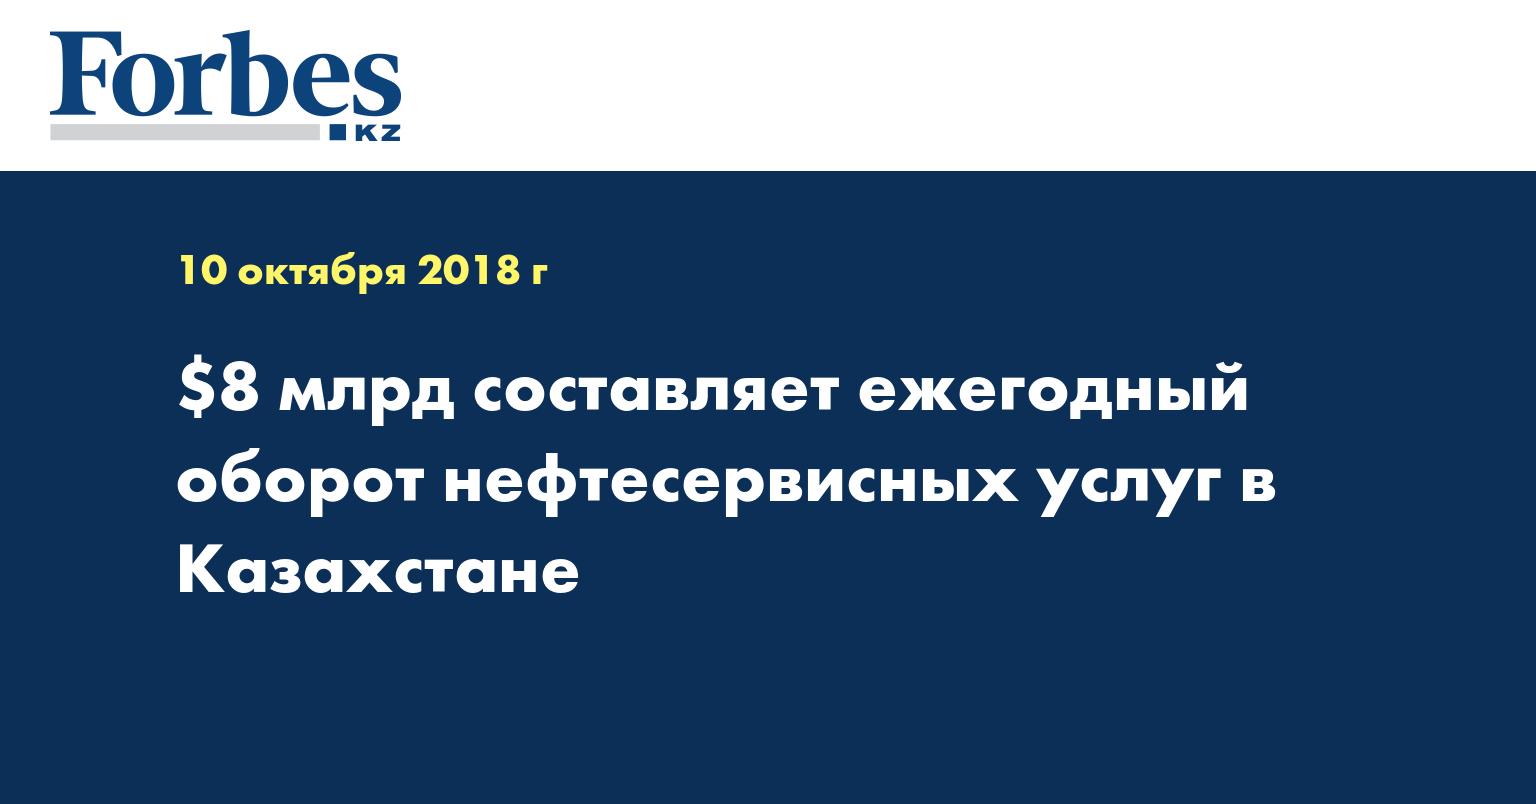 $8 млрд составляет ежегодный оборот нефтесервисных услуг в Казахстане